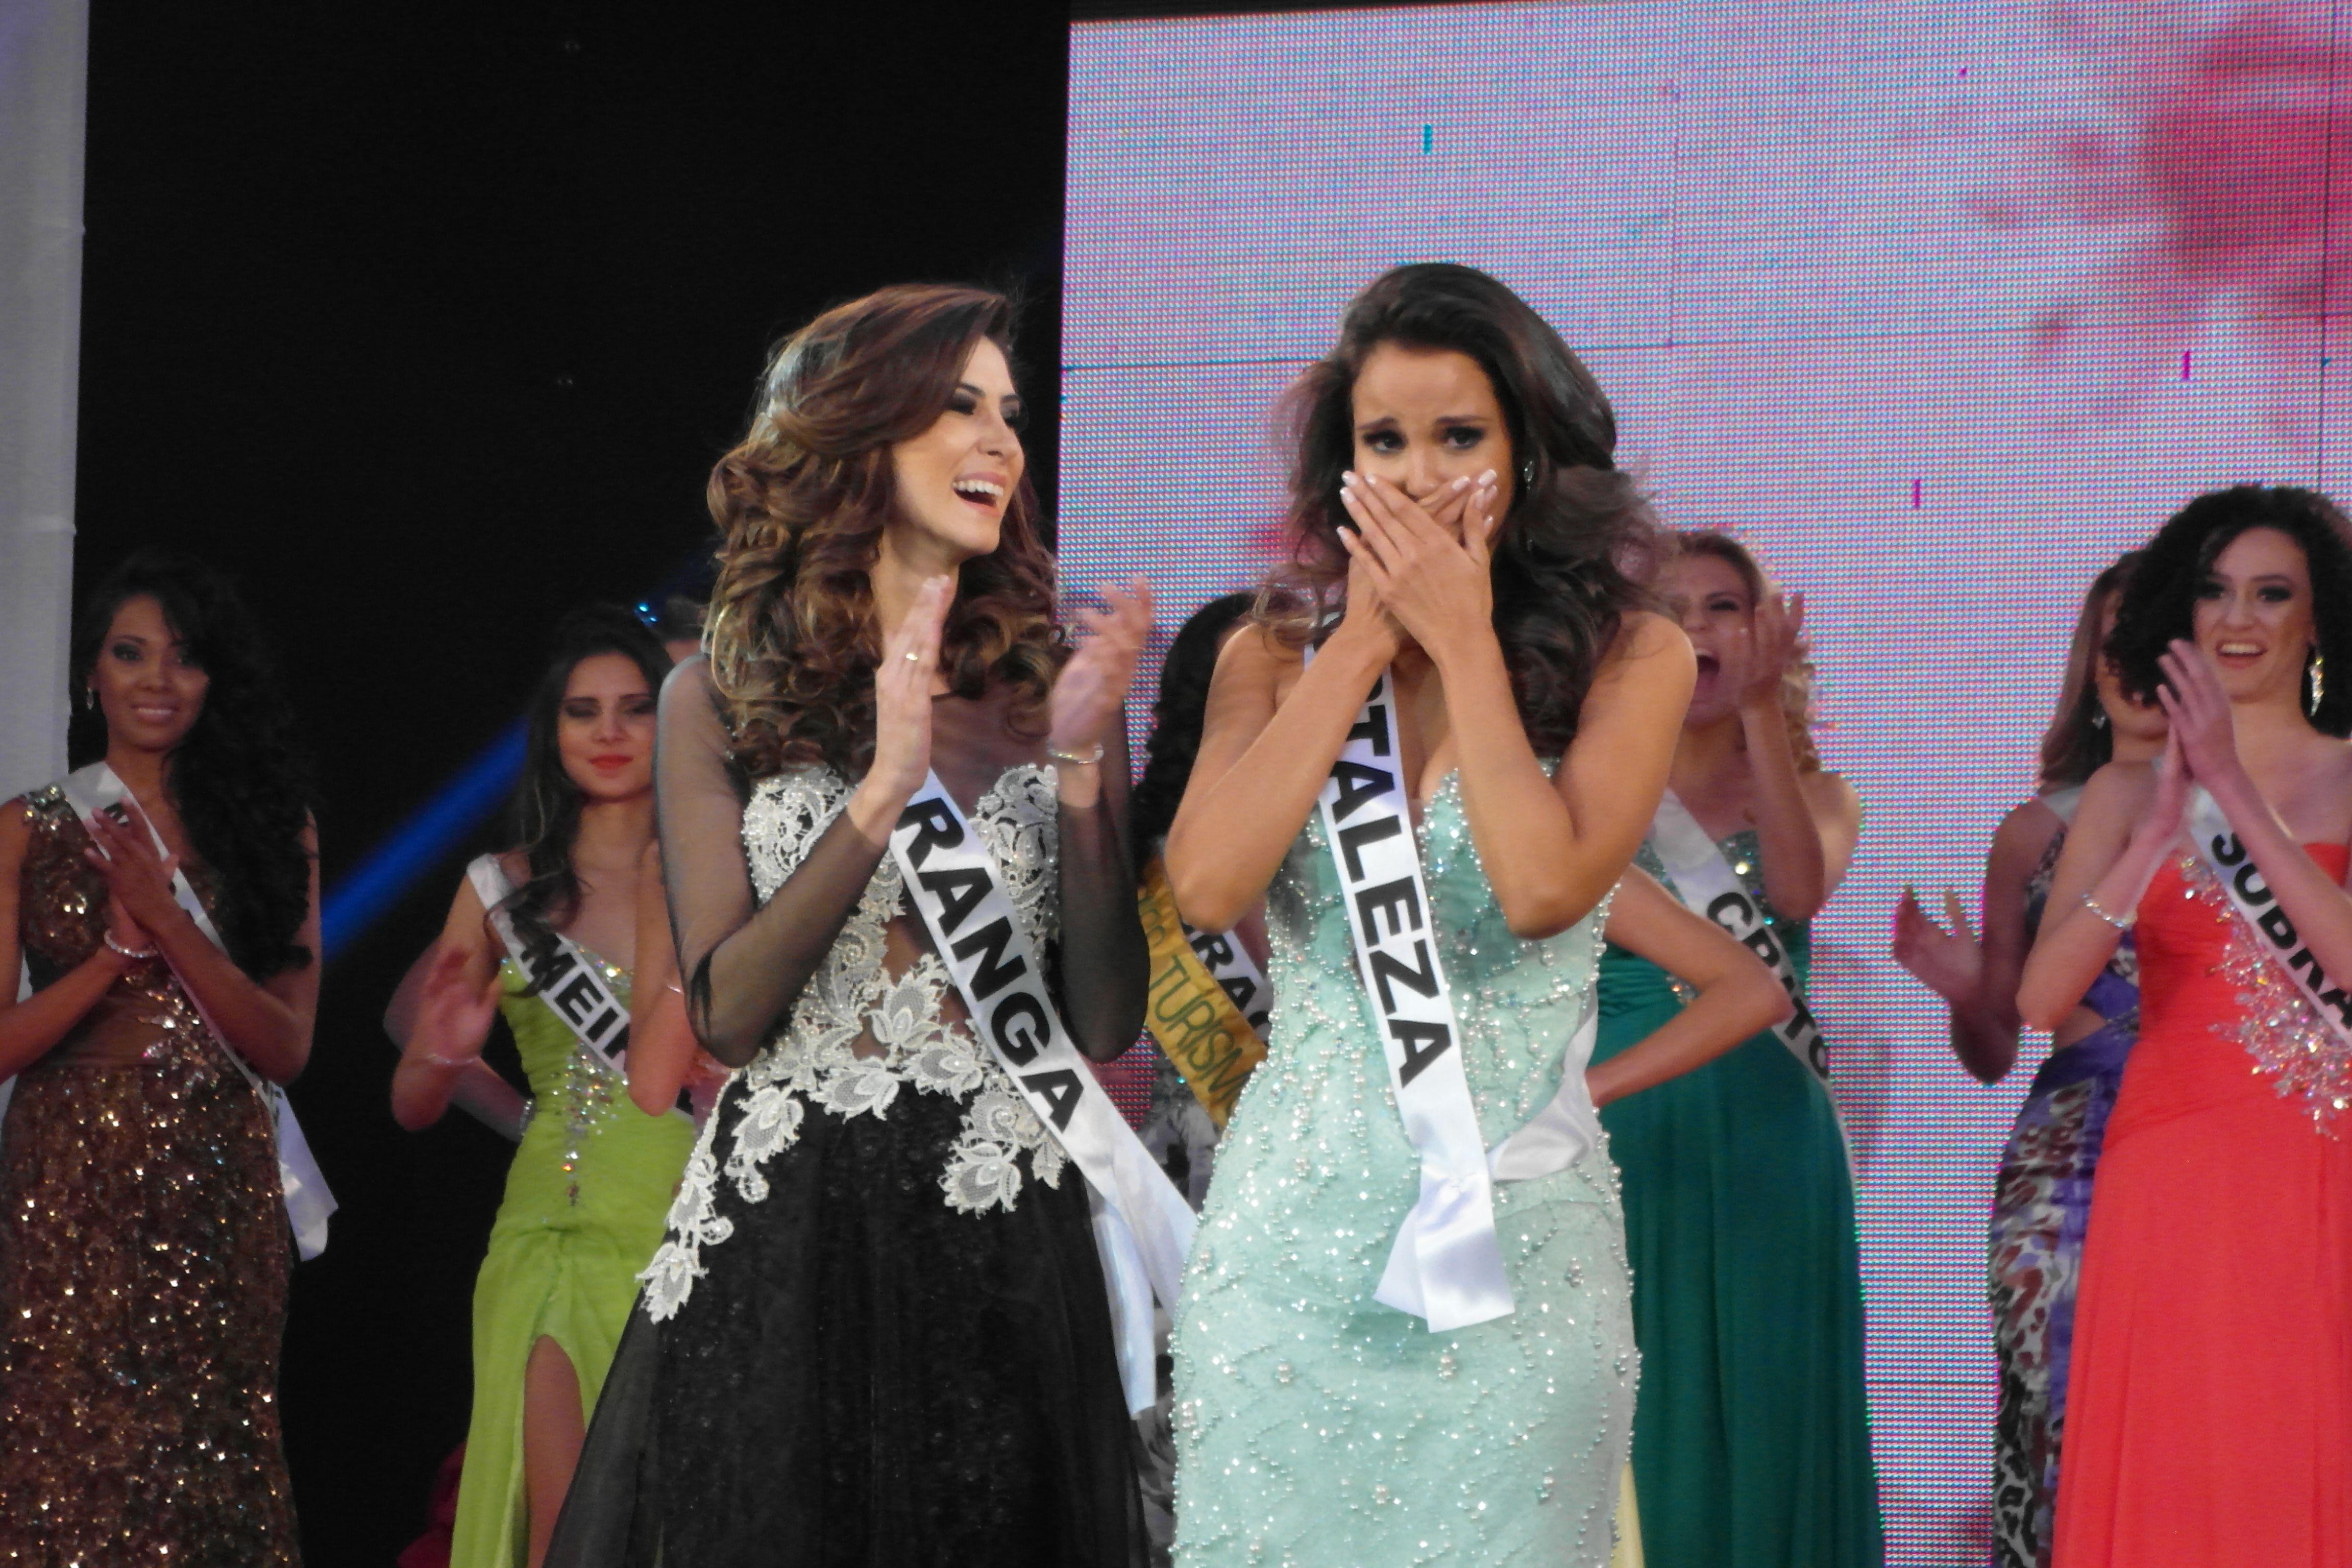 Em 2013, Mariana Vasconcelos ficou com o título (FOTO: Divulgação/ Coordenação Miss Ceará)